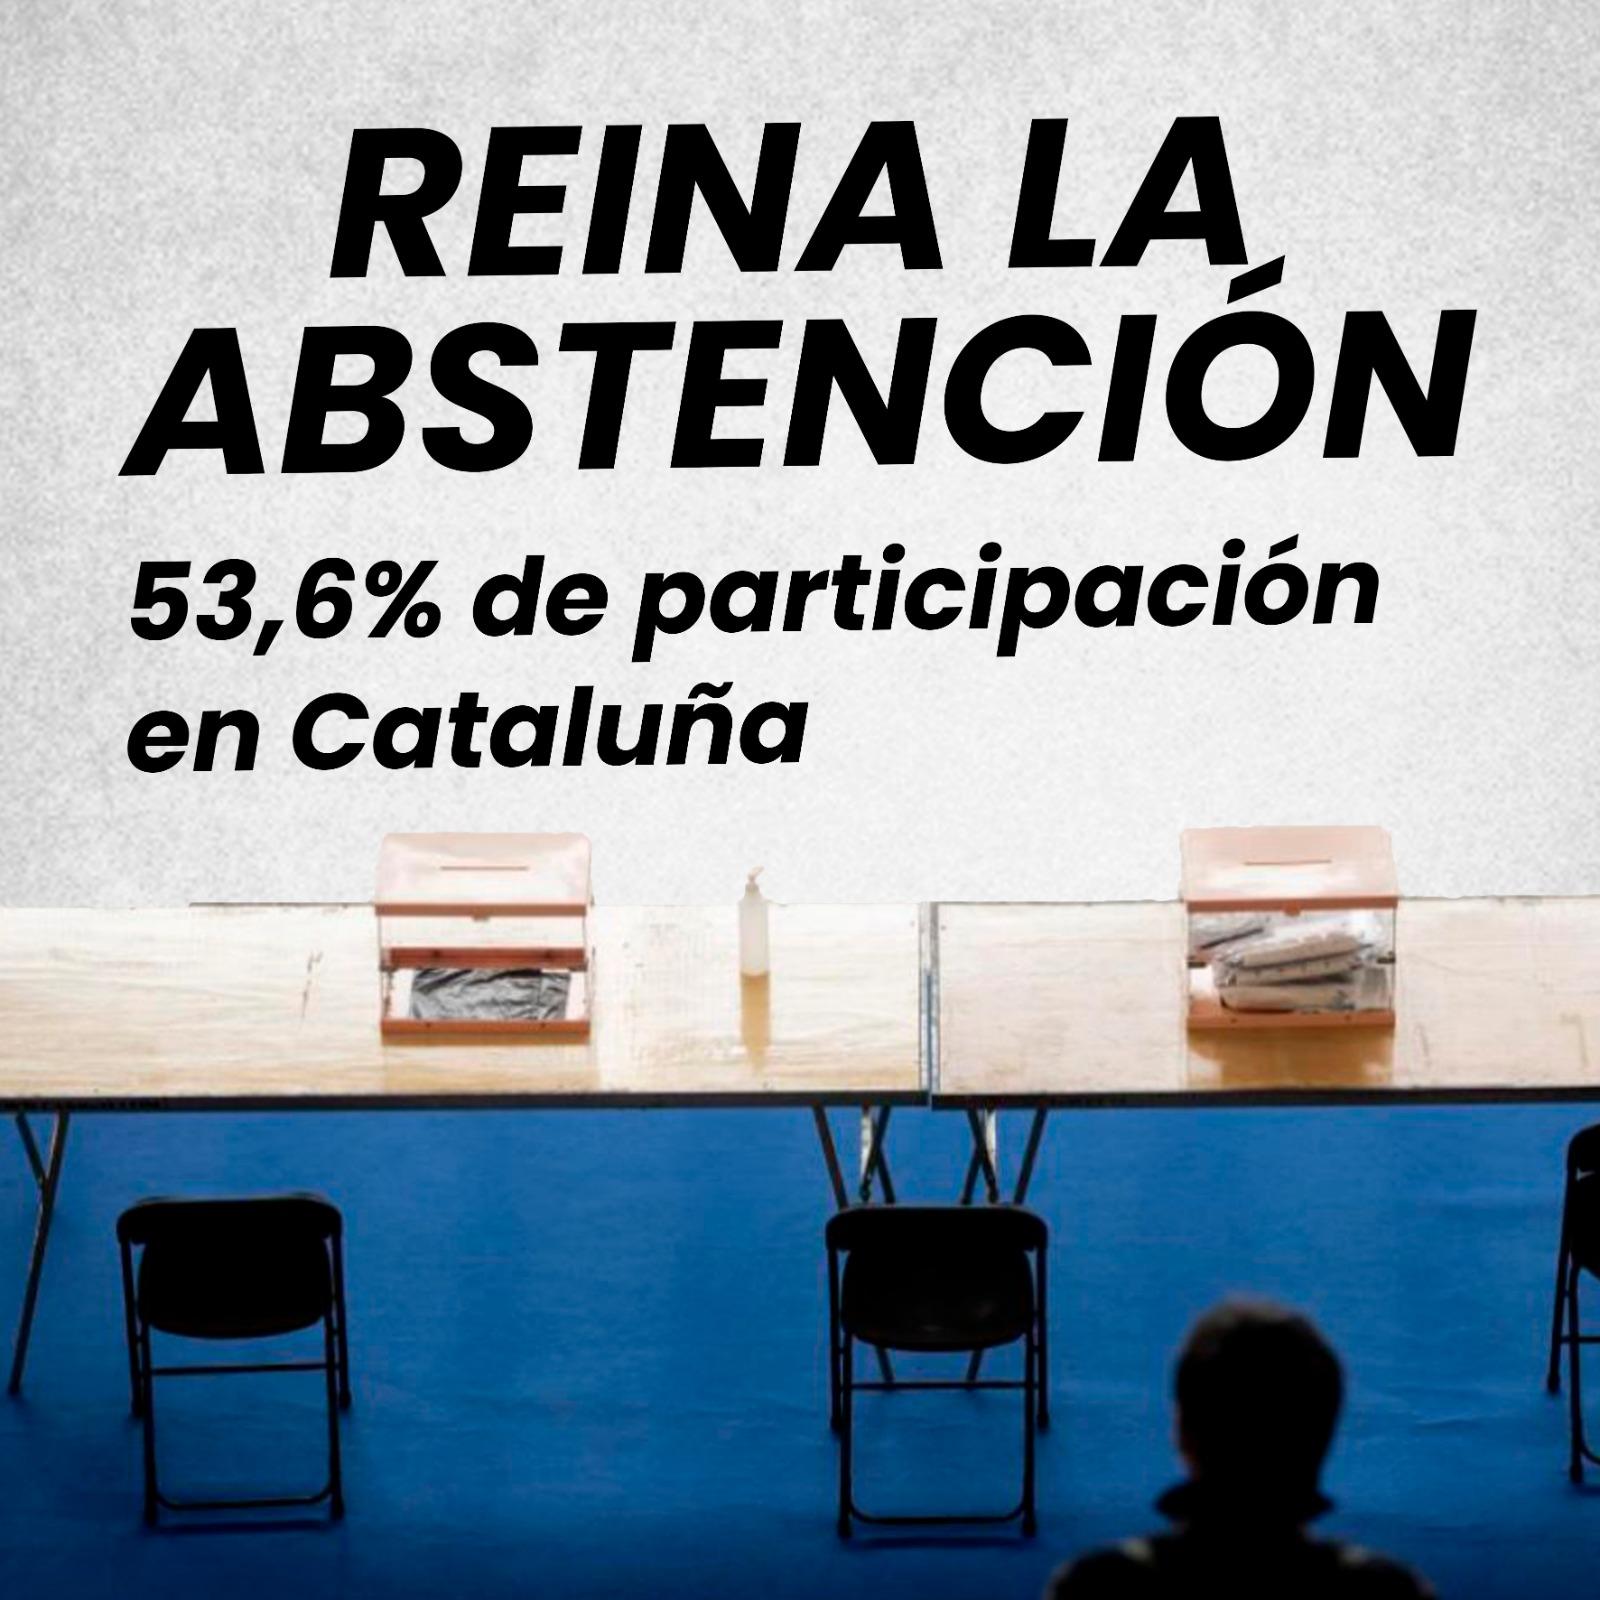 reina la abstención en cataluña